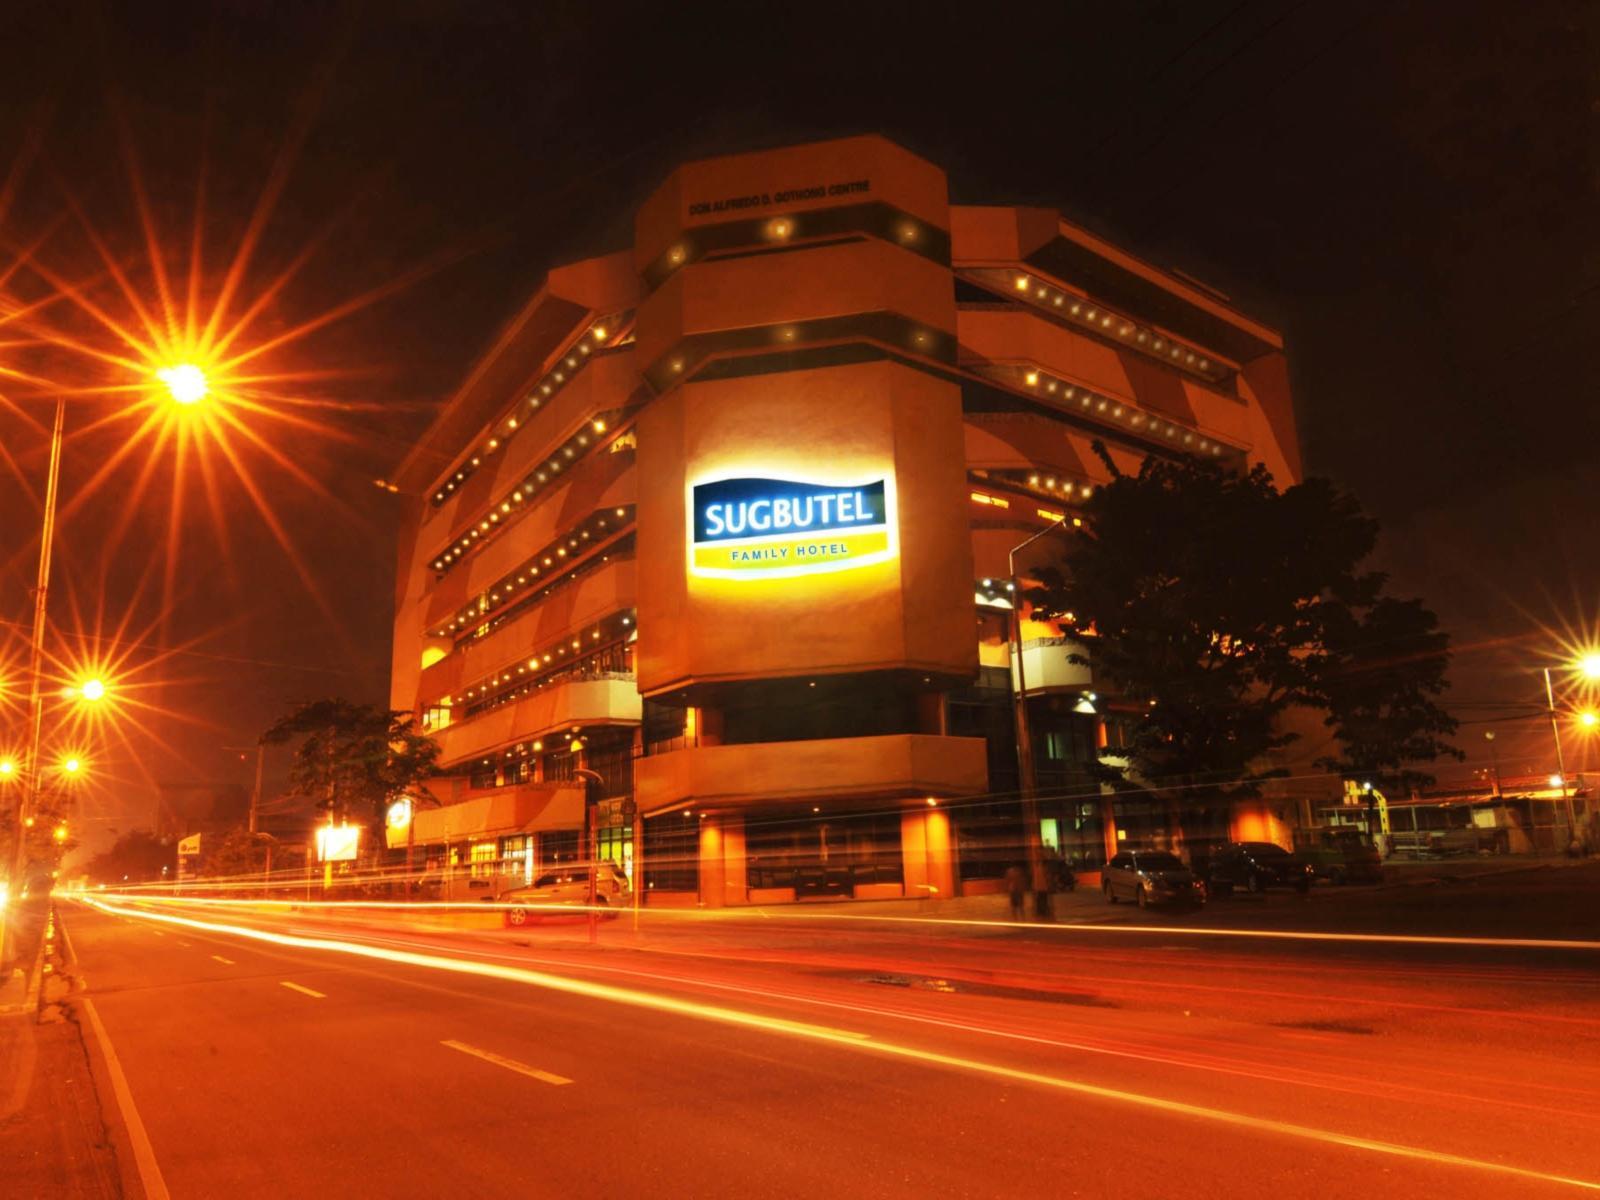 サグバテル ファミリー ホテル1